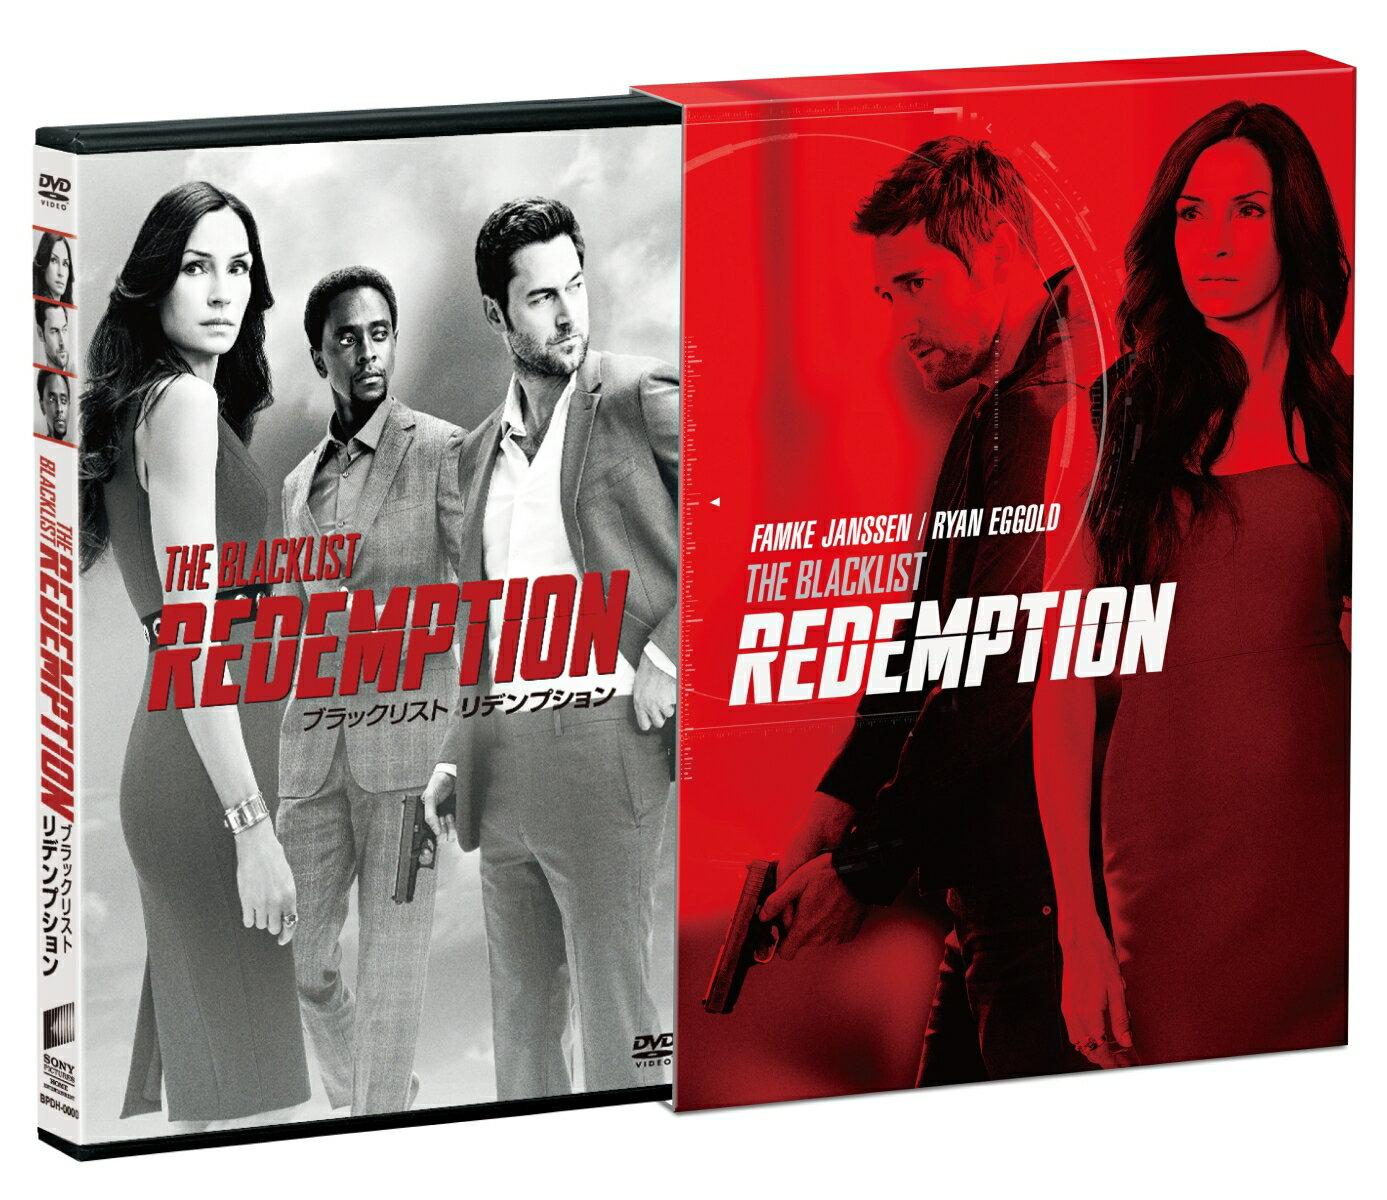 ブラックリスト リデンプション DVD コンプリートBOX(初回生産限定版) [ ファムケ・ヤンセン ]